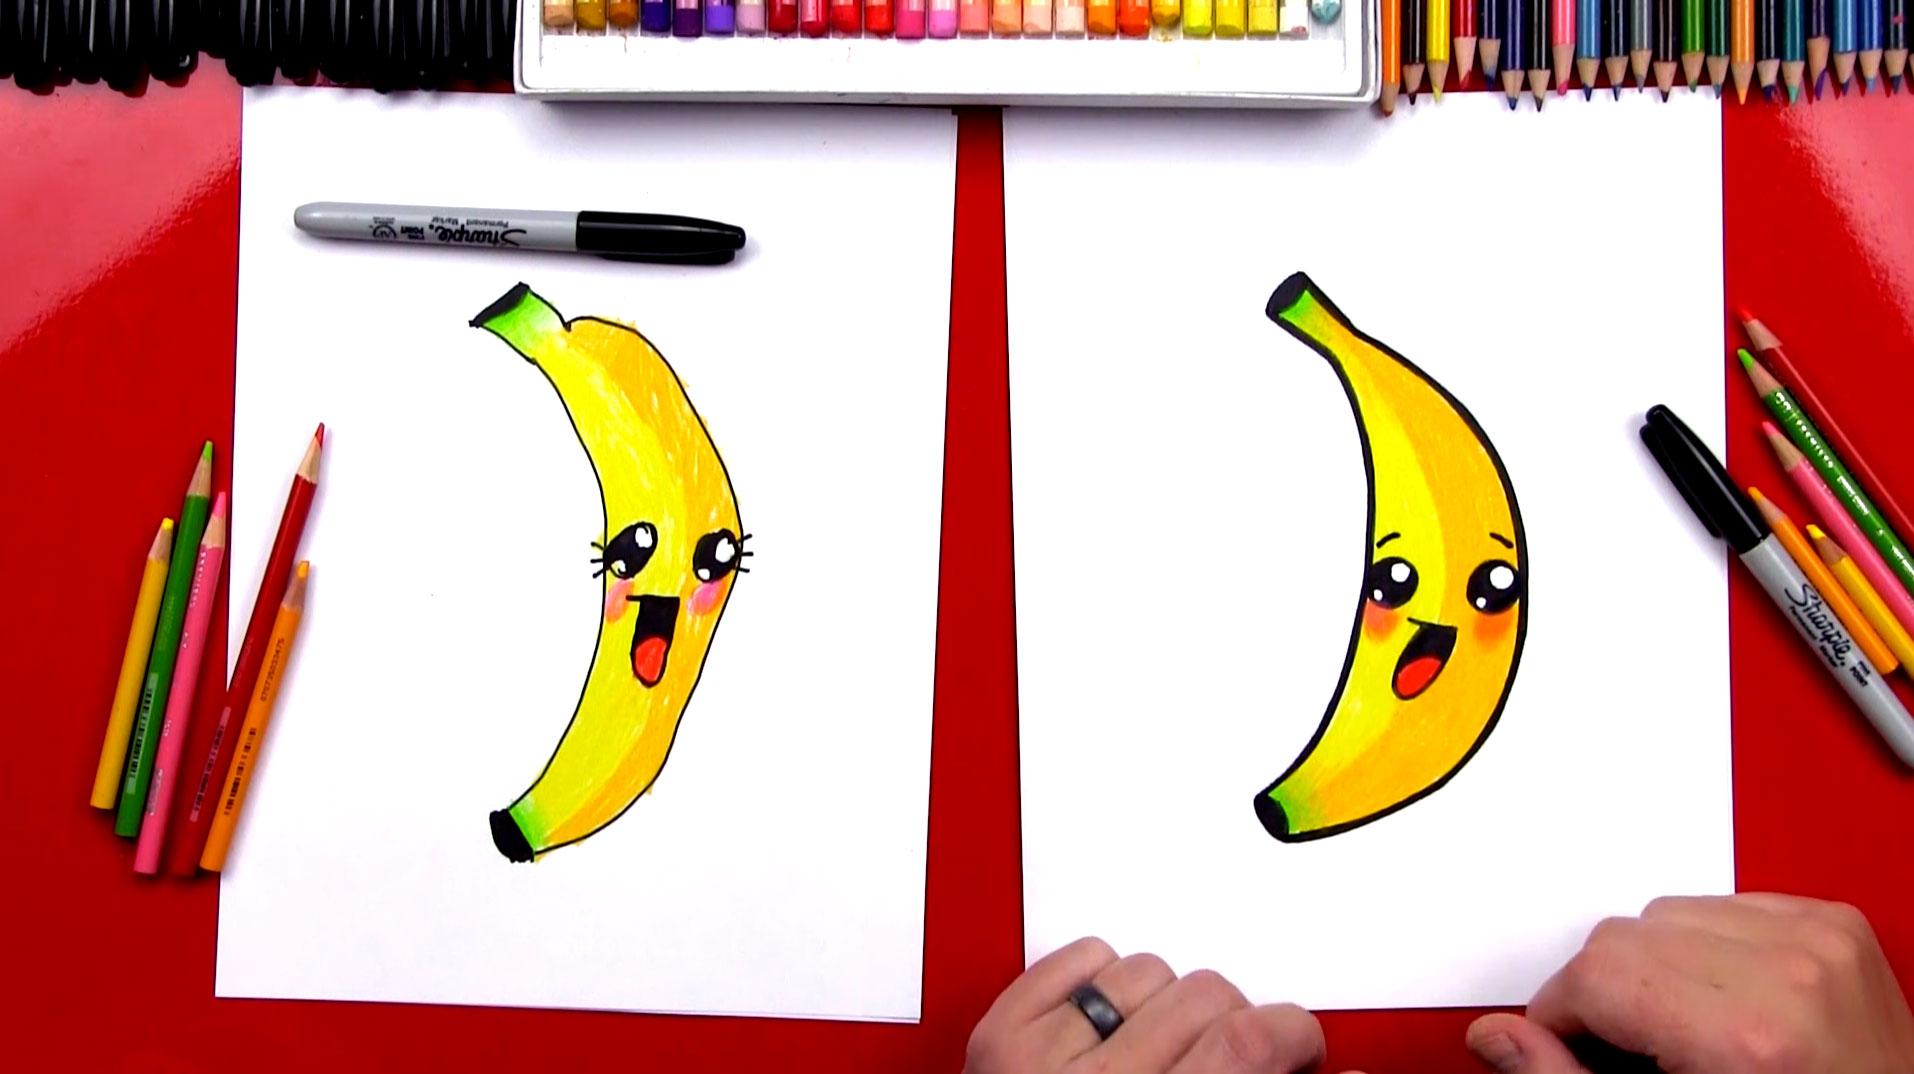 1914x1074 How To Draw A Cartoon Banana